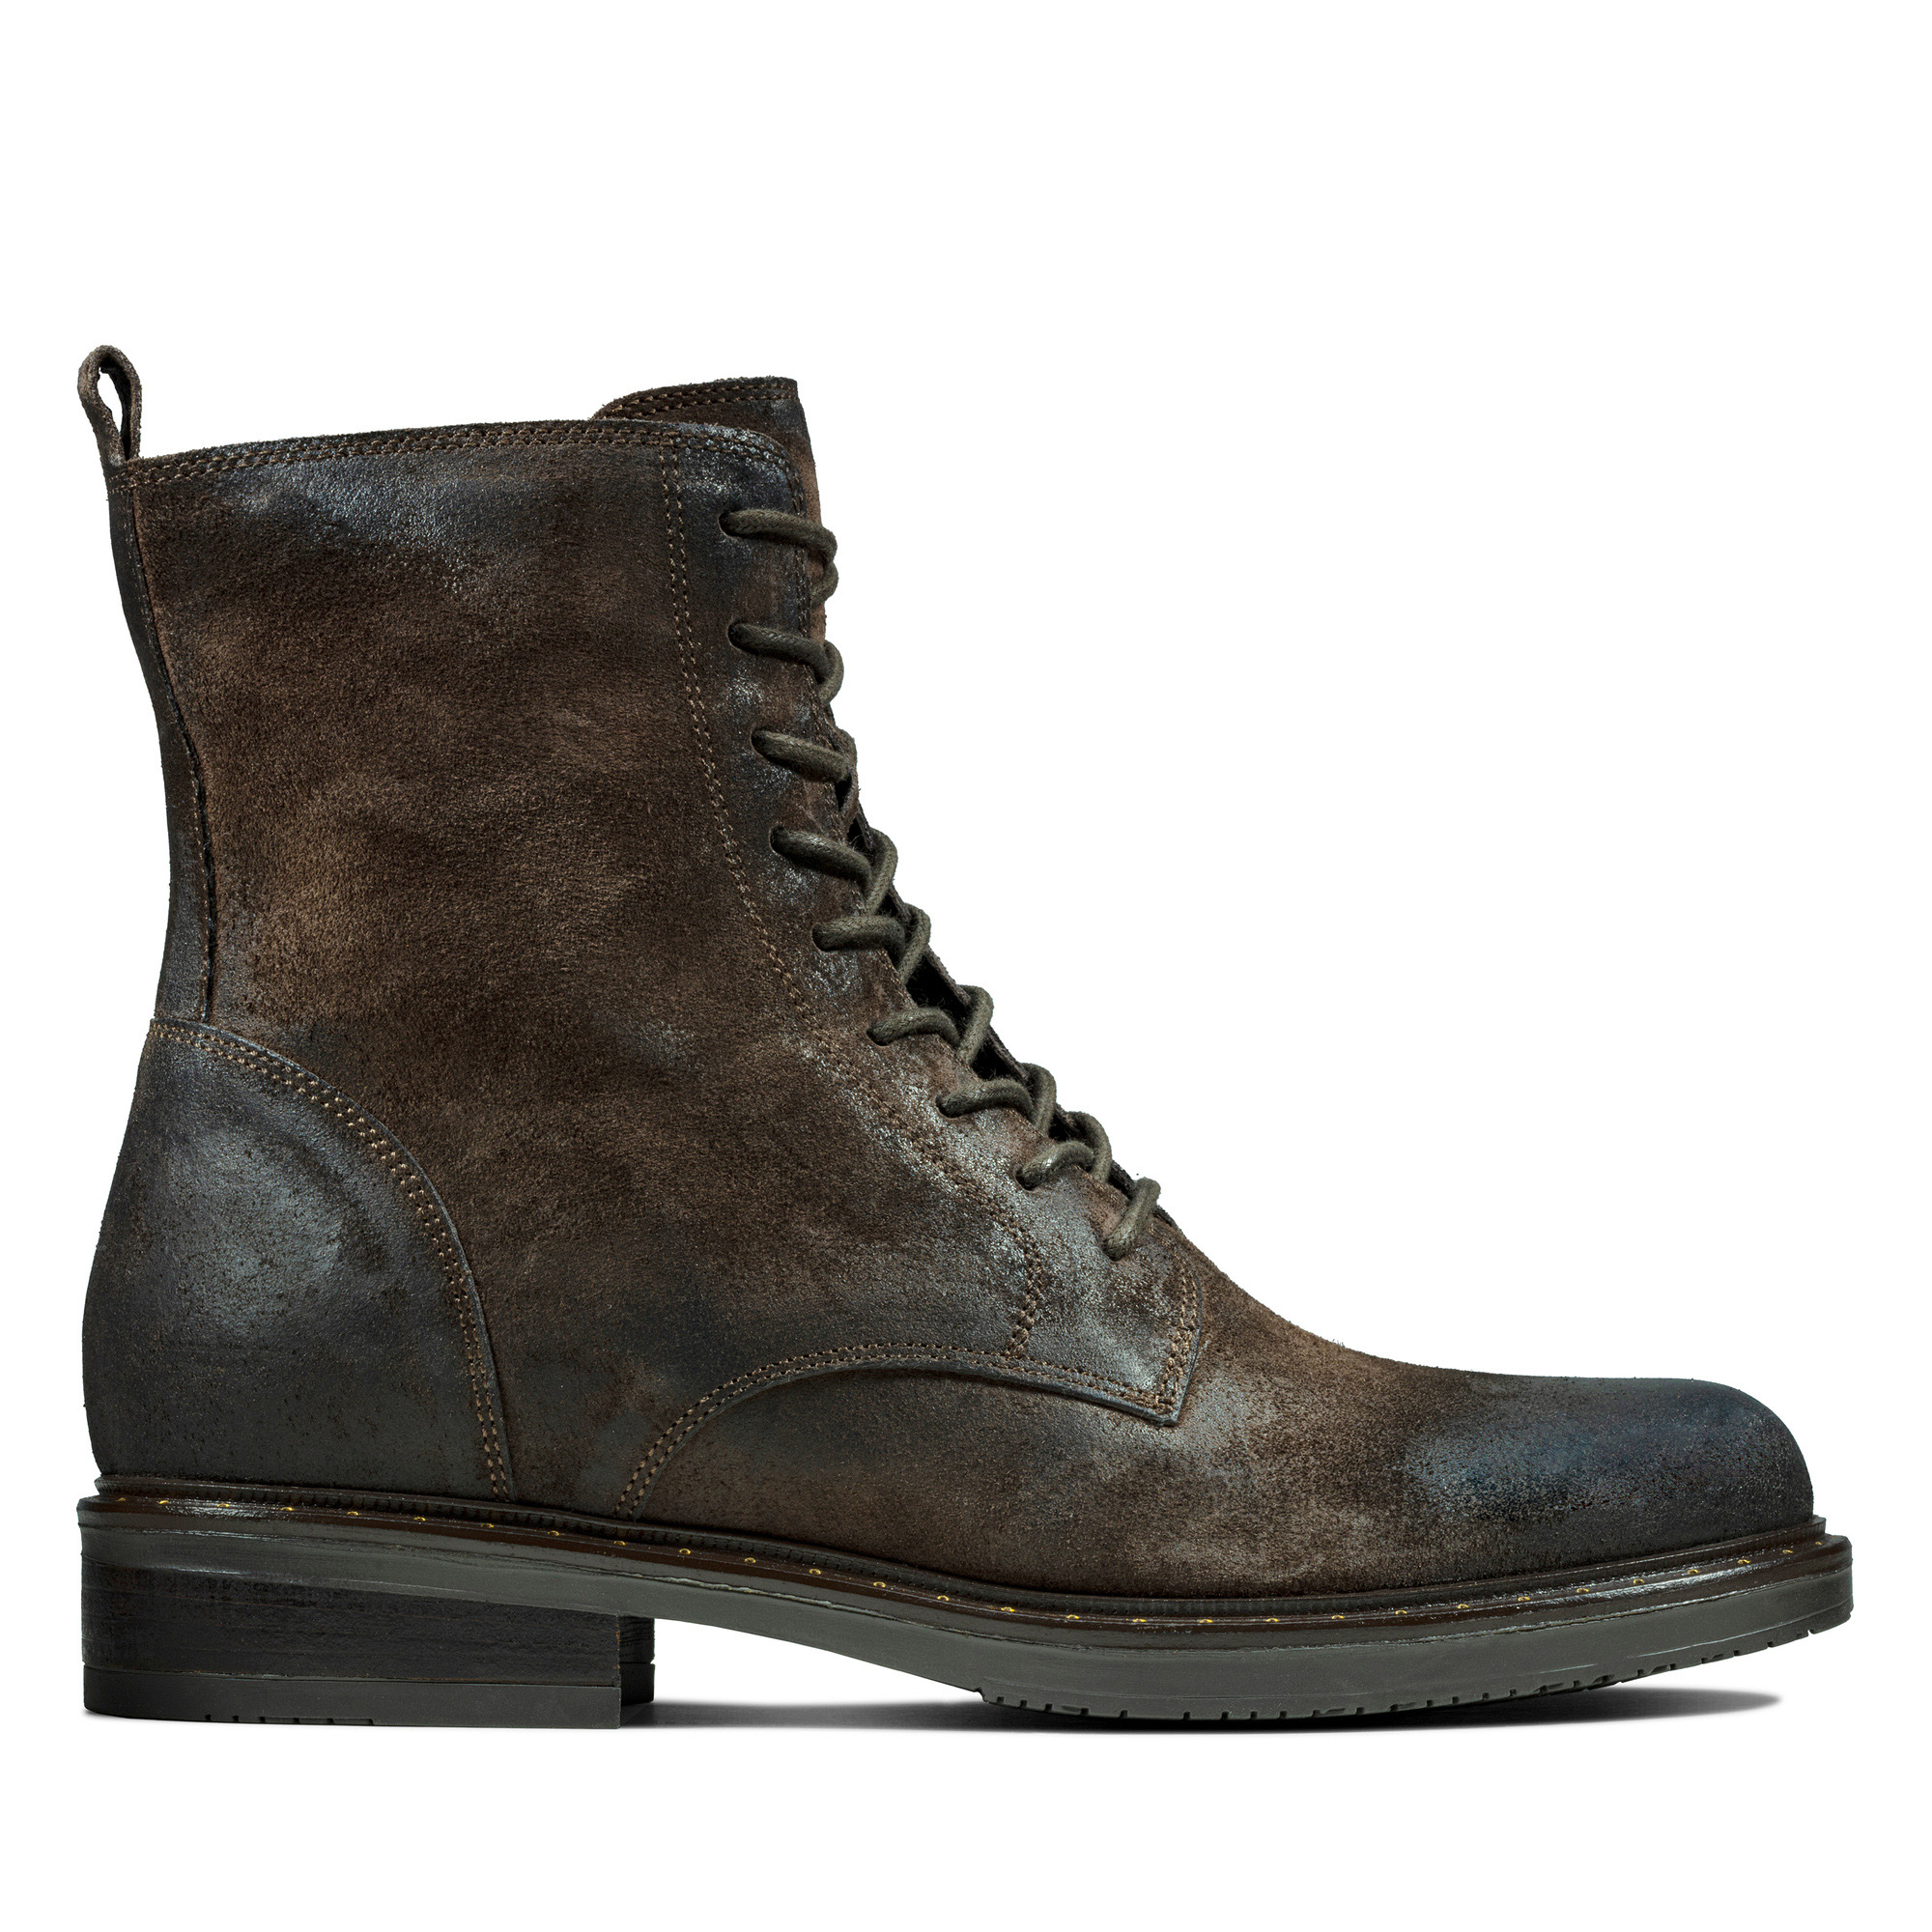 Stiefeletten Damen | Ankle Boots Damen | Clarks